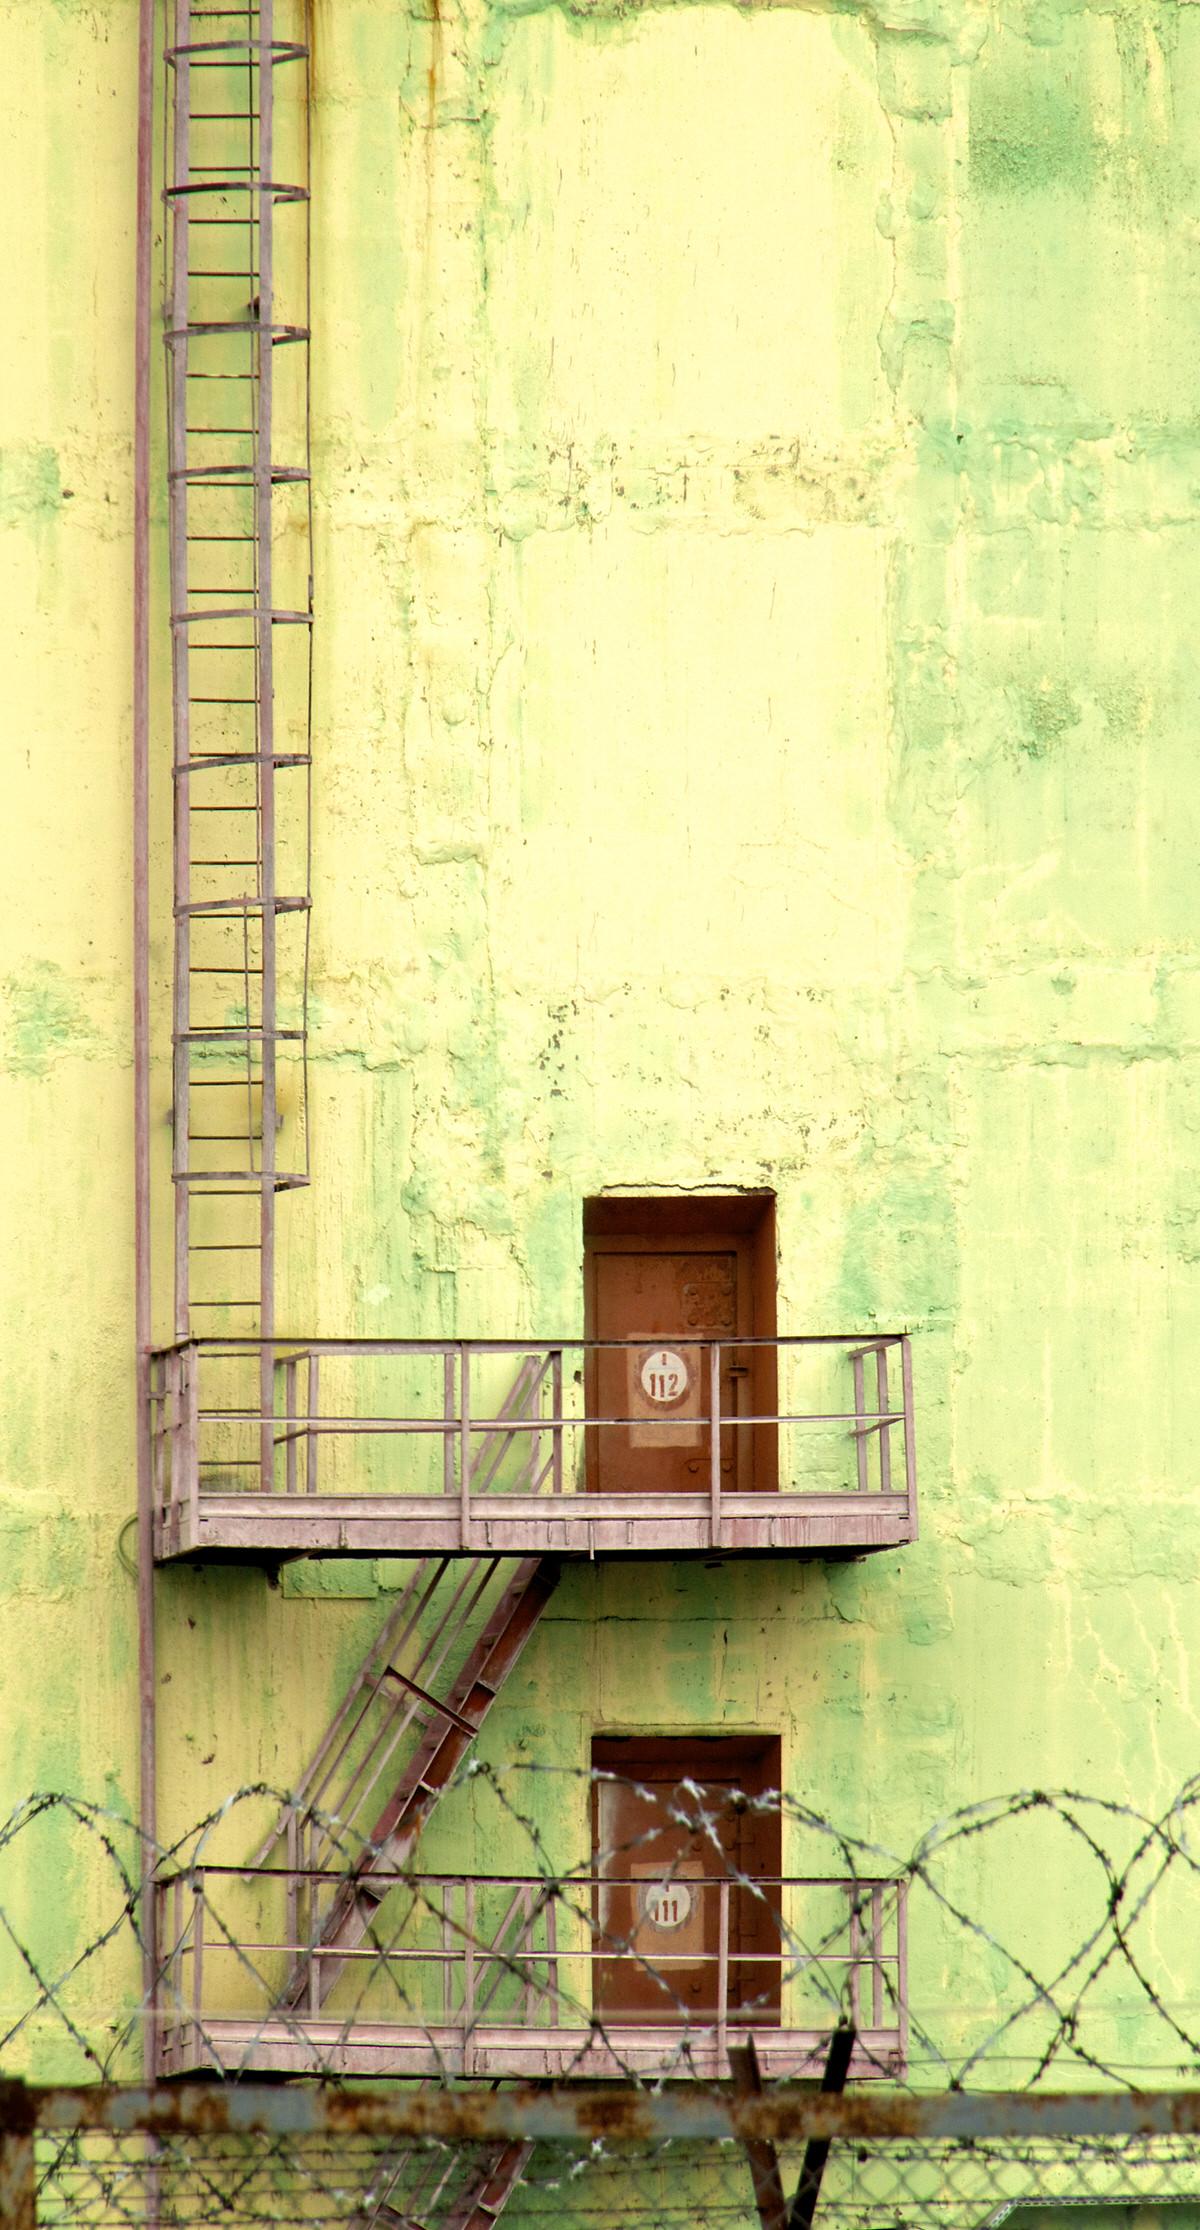 chernobyl-photo.jpg